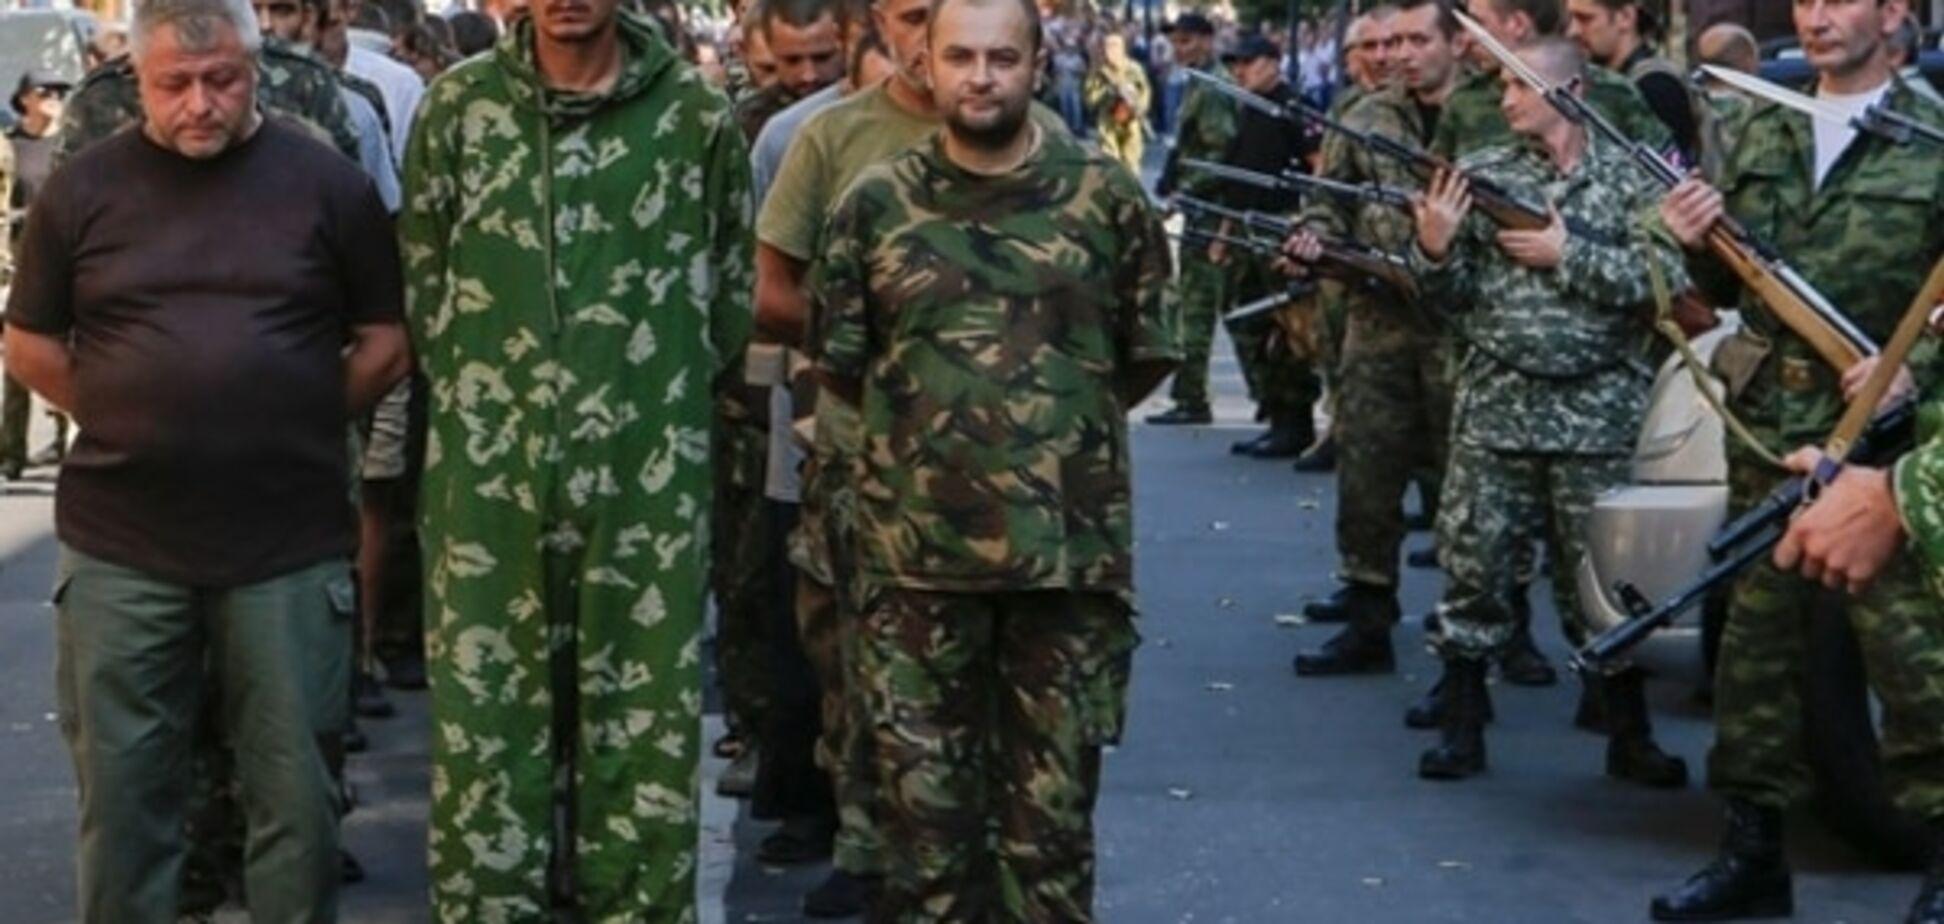 В Минске договорились о сроках освобождения 11 украинских бойцов